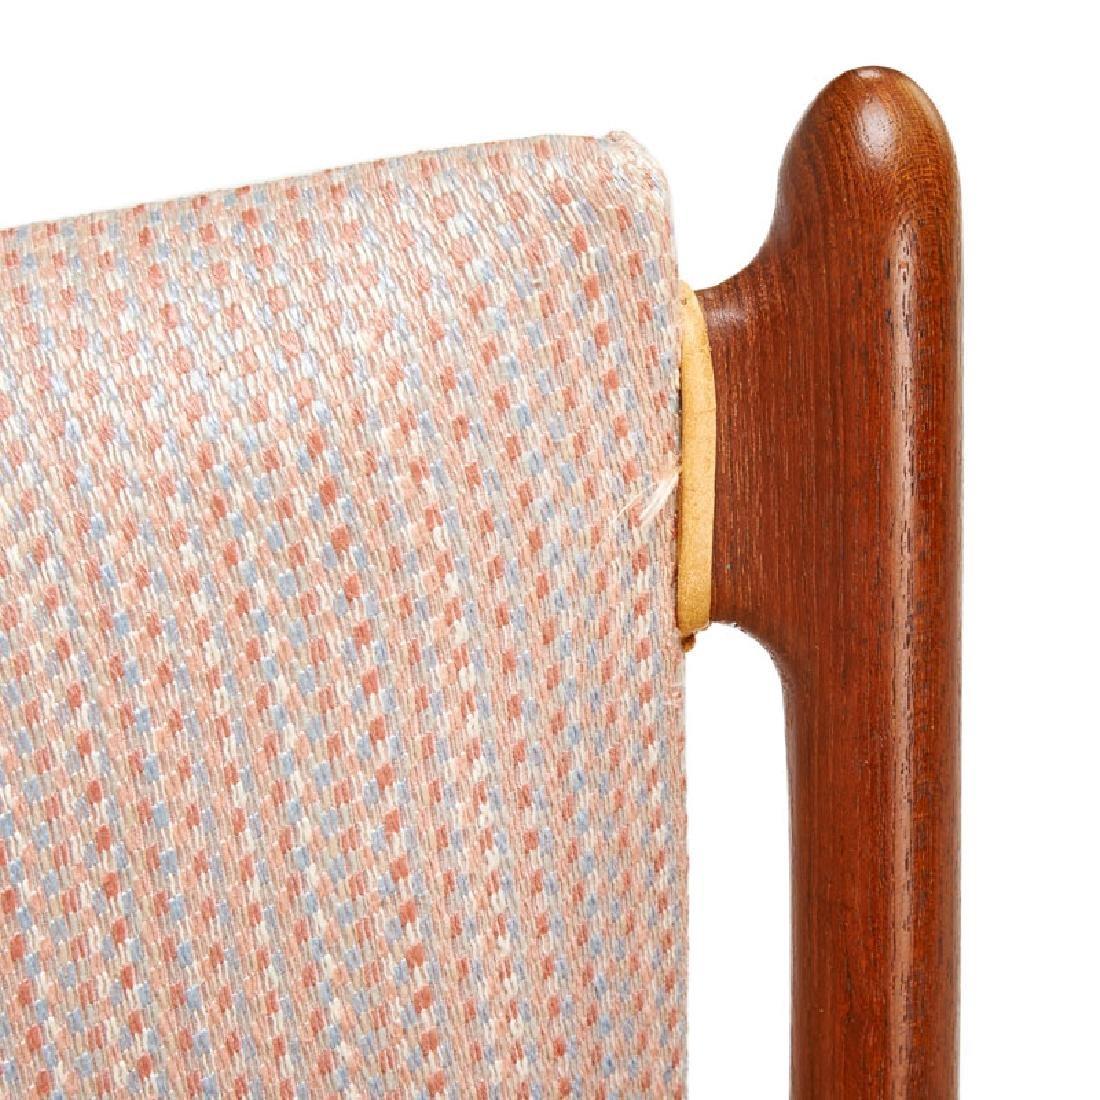 FINN JUHL; NIELS VODDER NV-45 chair - 4